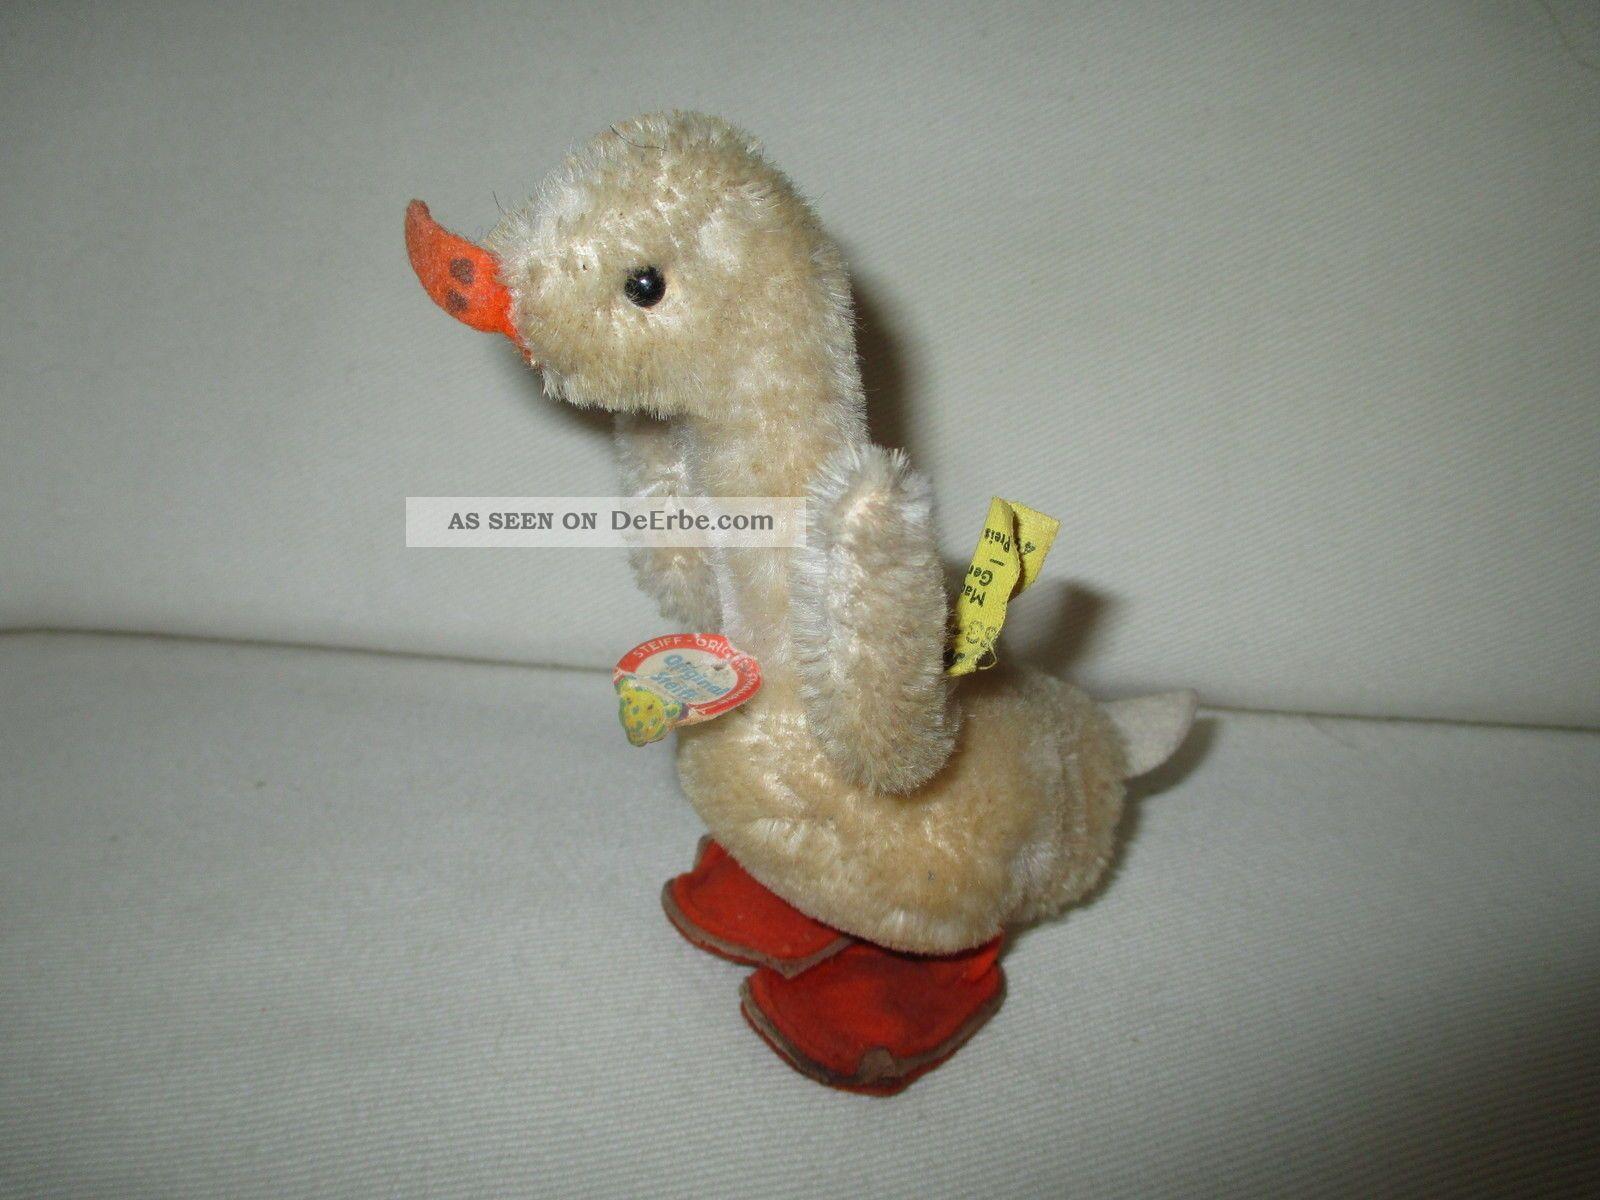 Hübsche Plüsch - Ente Der Marke Steiff 60er Jahre Stofftiere & Teddybären Bild